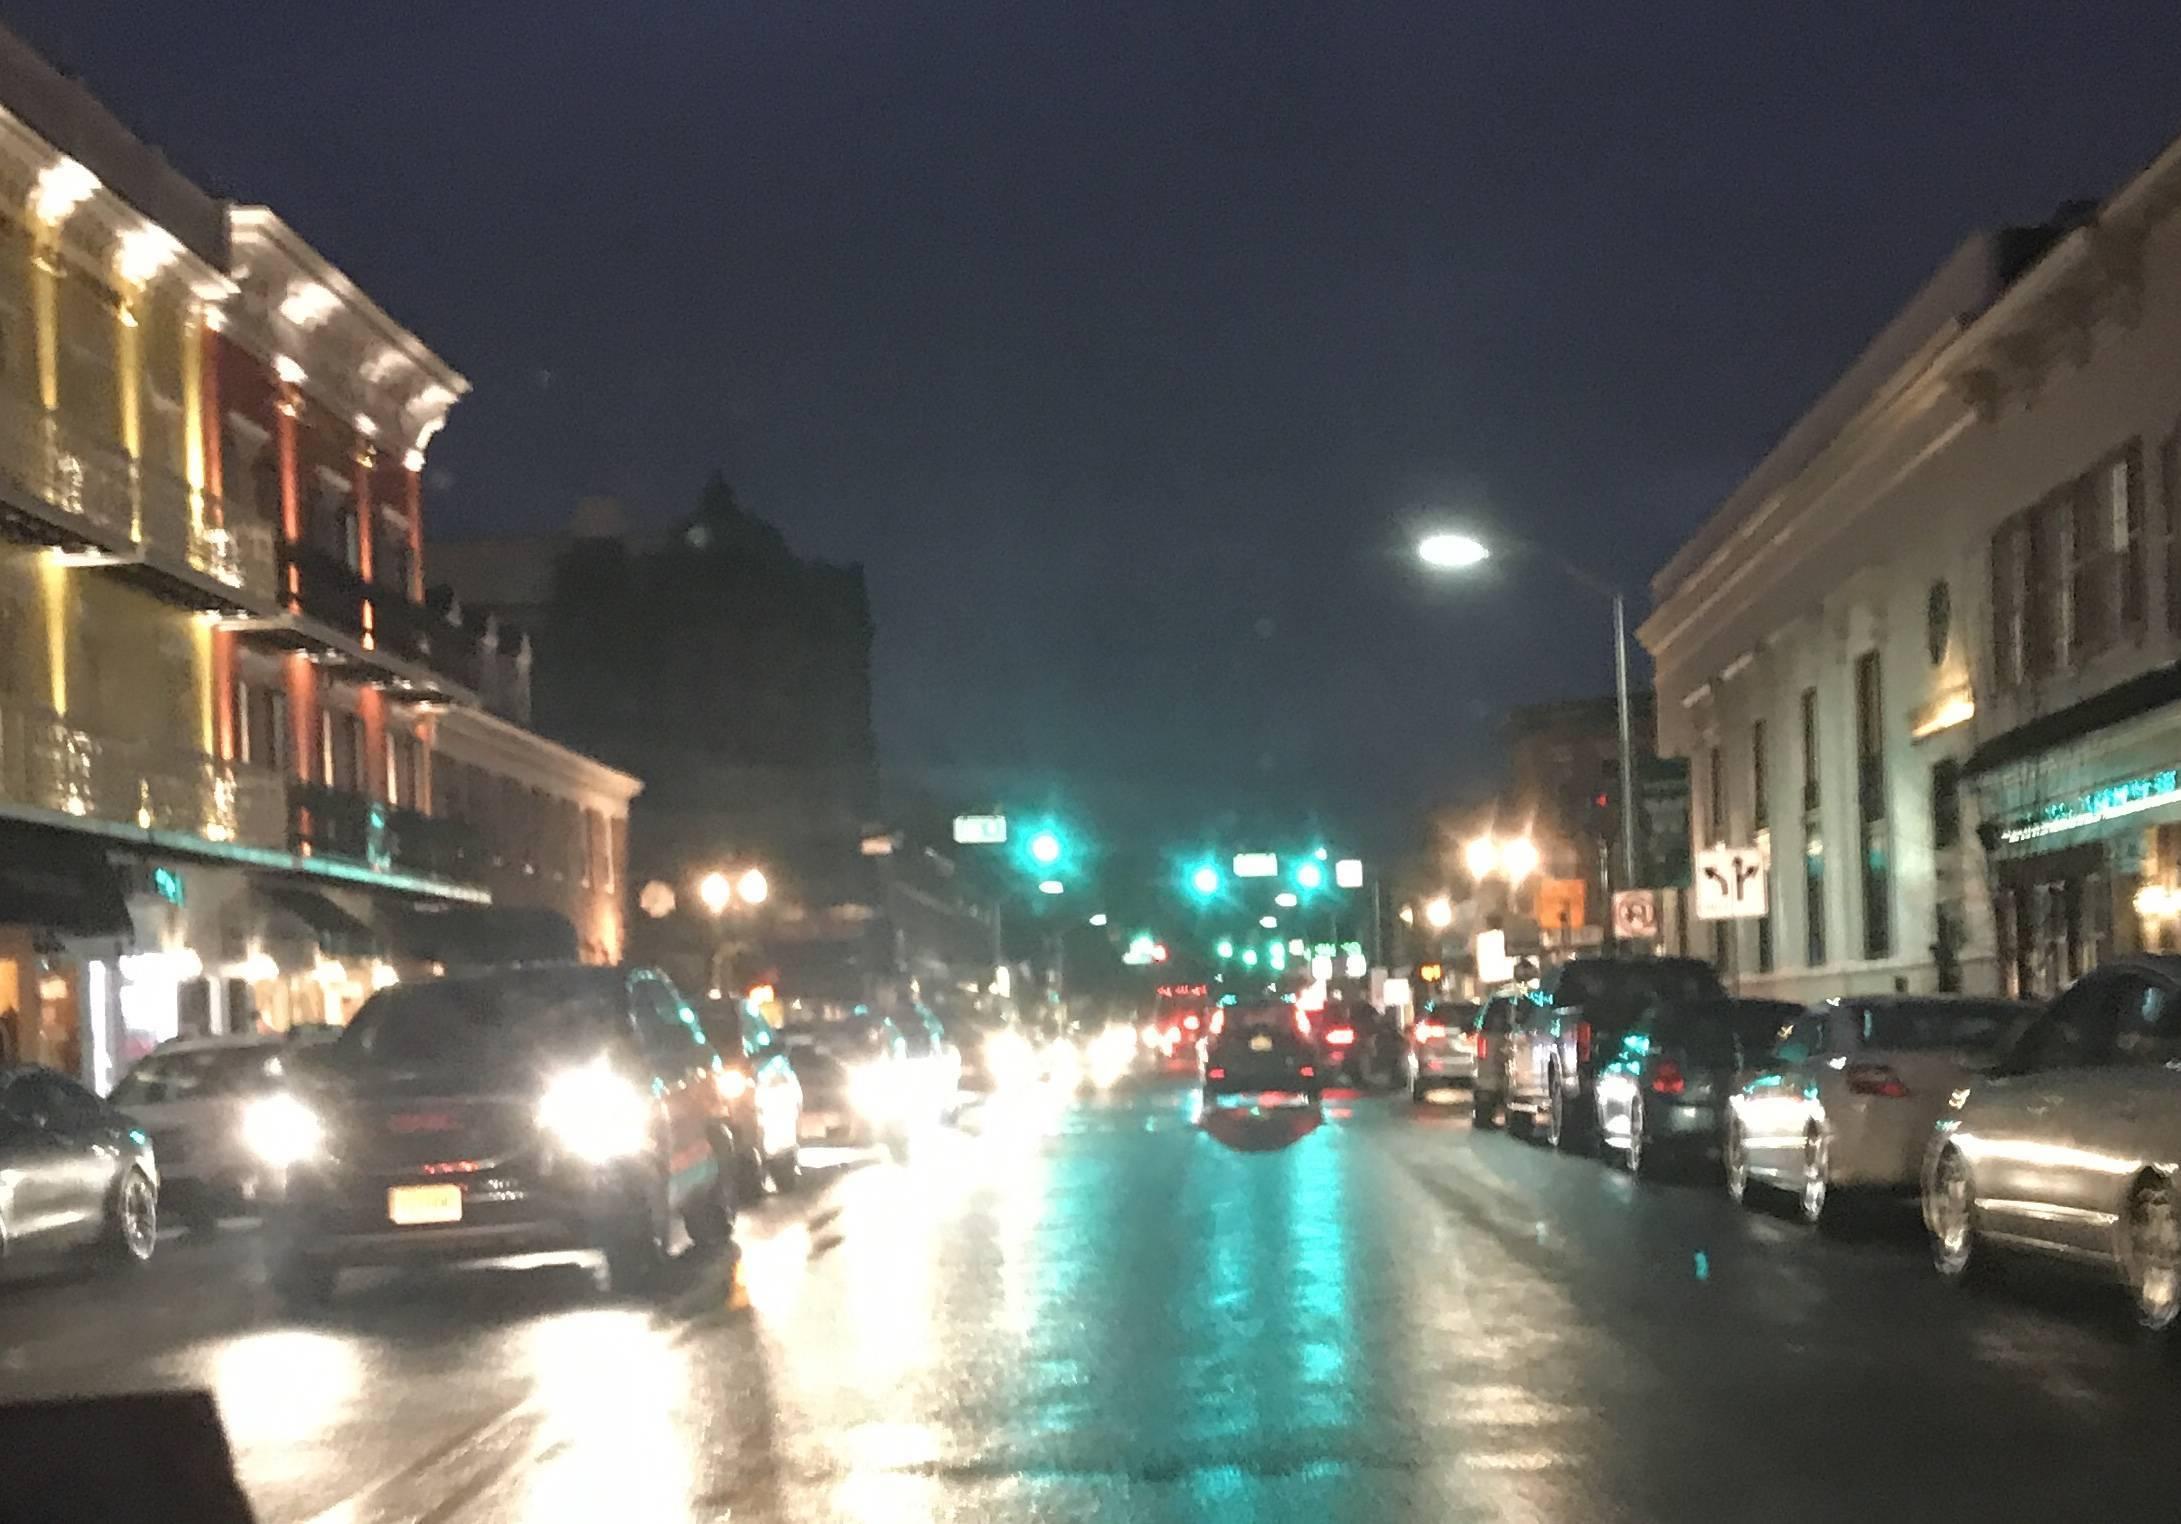 DowntownWestfieldNJ.jpg